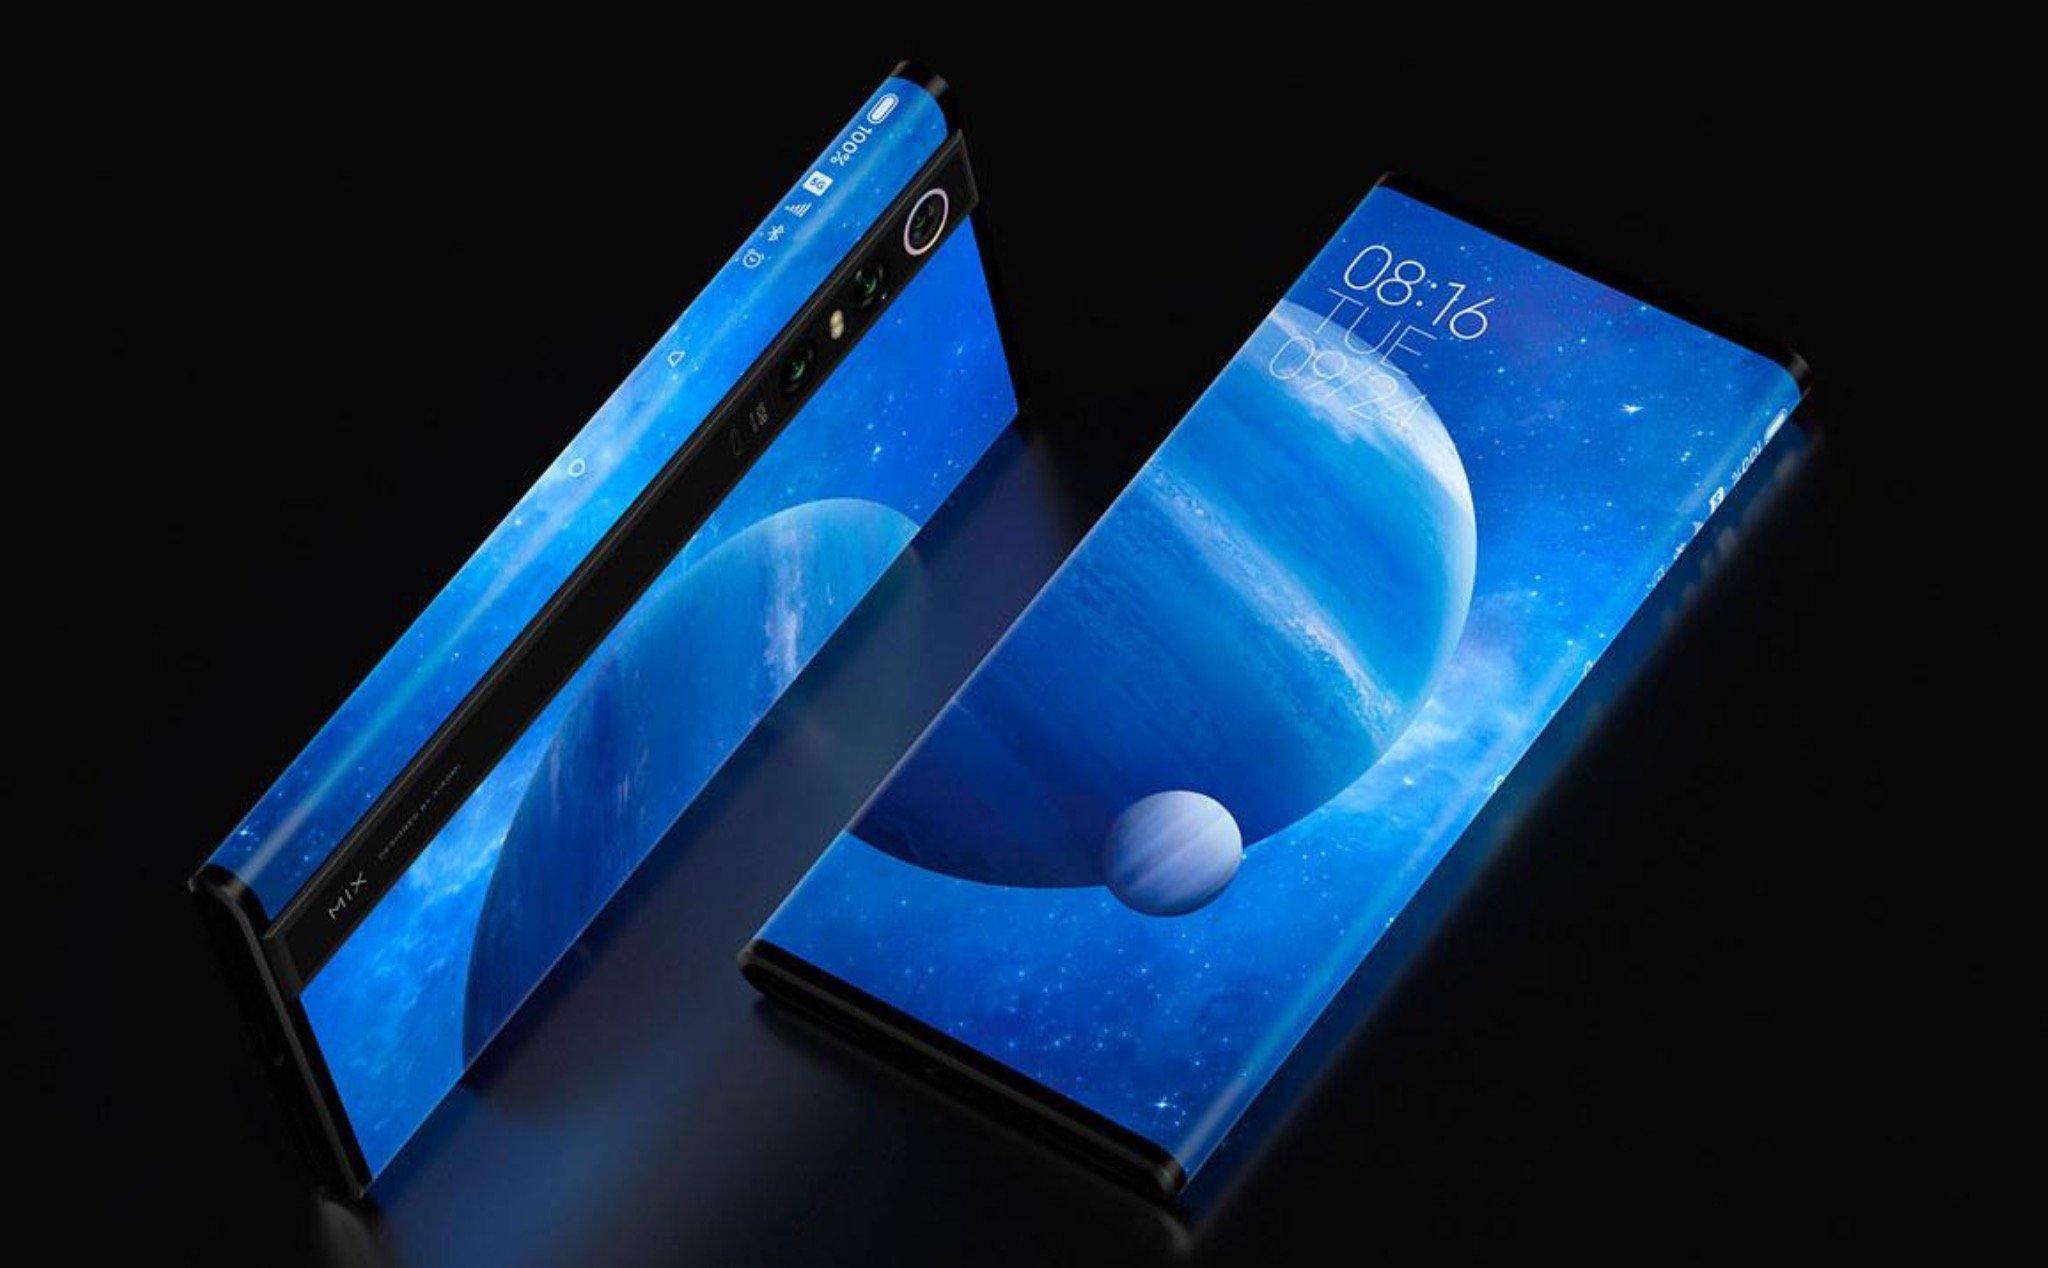 Xiaomi: Mẫu điện thoại có thể gập lại khả năng sẽ ra mắt vào tháng 3